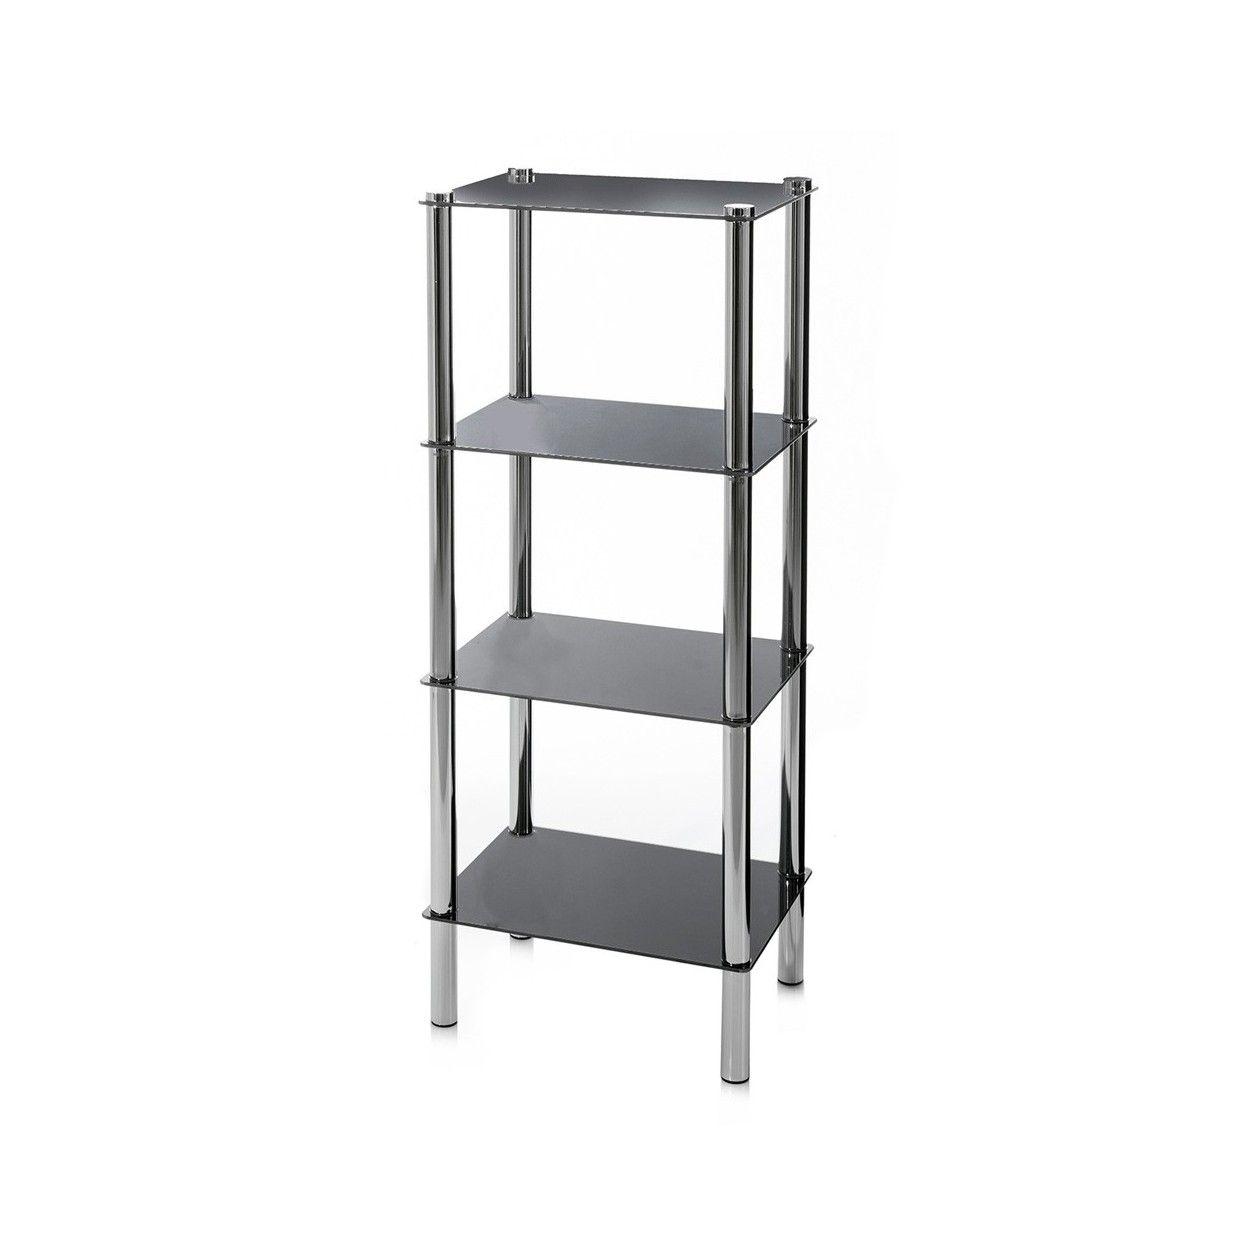 Estanter a de cuatro niveles en negro y cromado 40x30x108 cm cristal y metal hogar y m s - Estanterias de cristal para banos ...